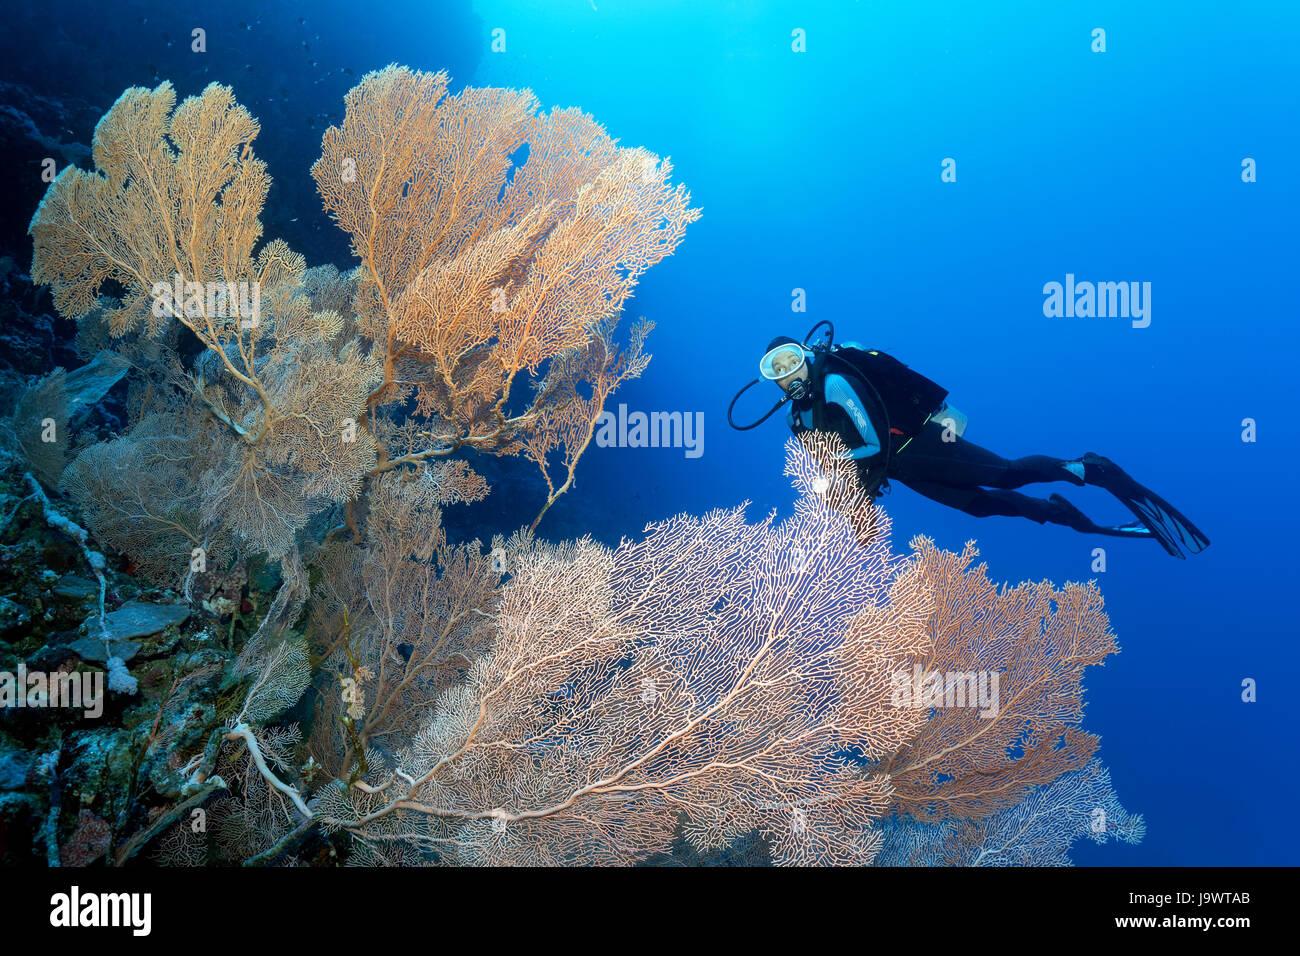 Los buceadores buscar grandes gorgonias (ventilador annella mollis), coral blando, Mar Rojo, Egipto Imagen De Stock